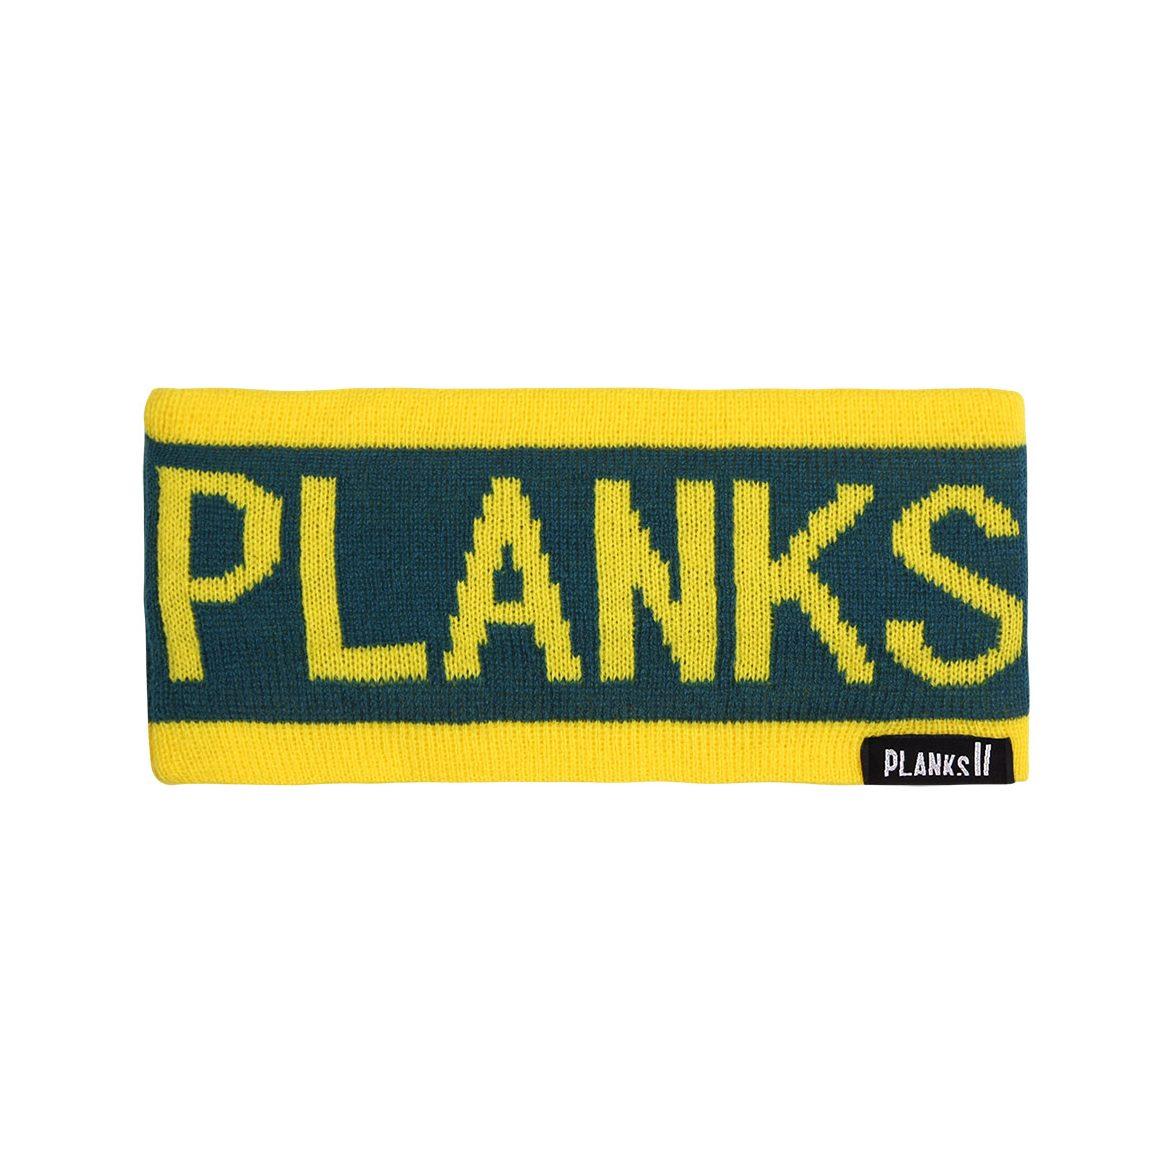 PLANKSMAC404